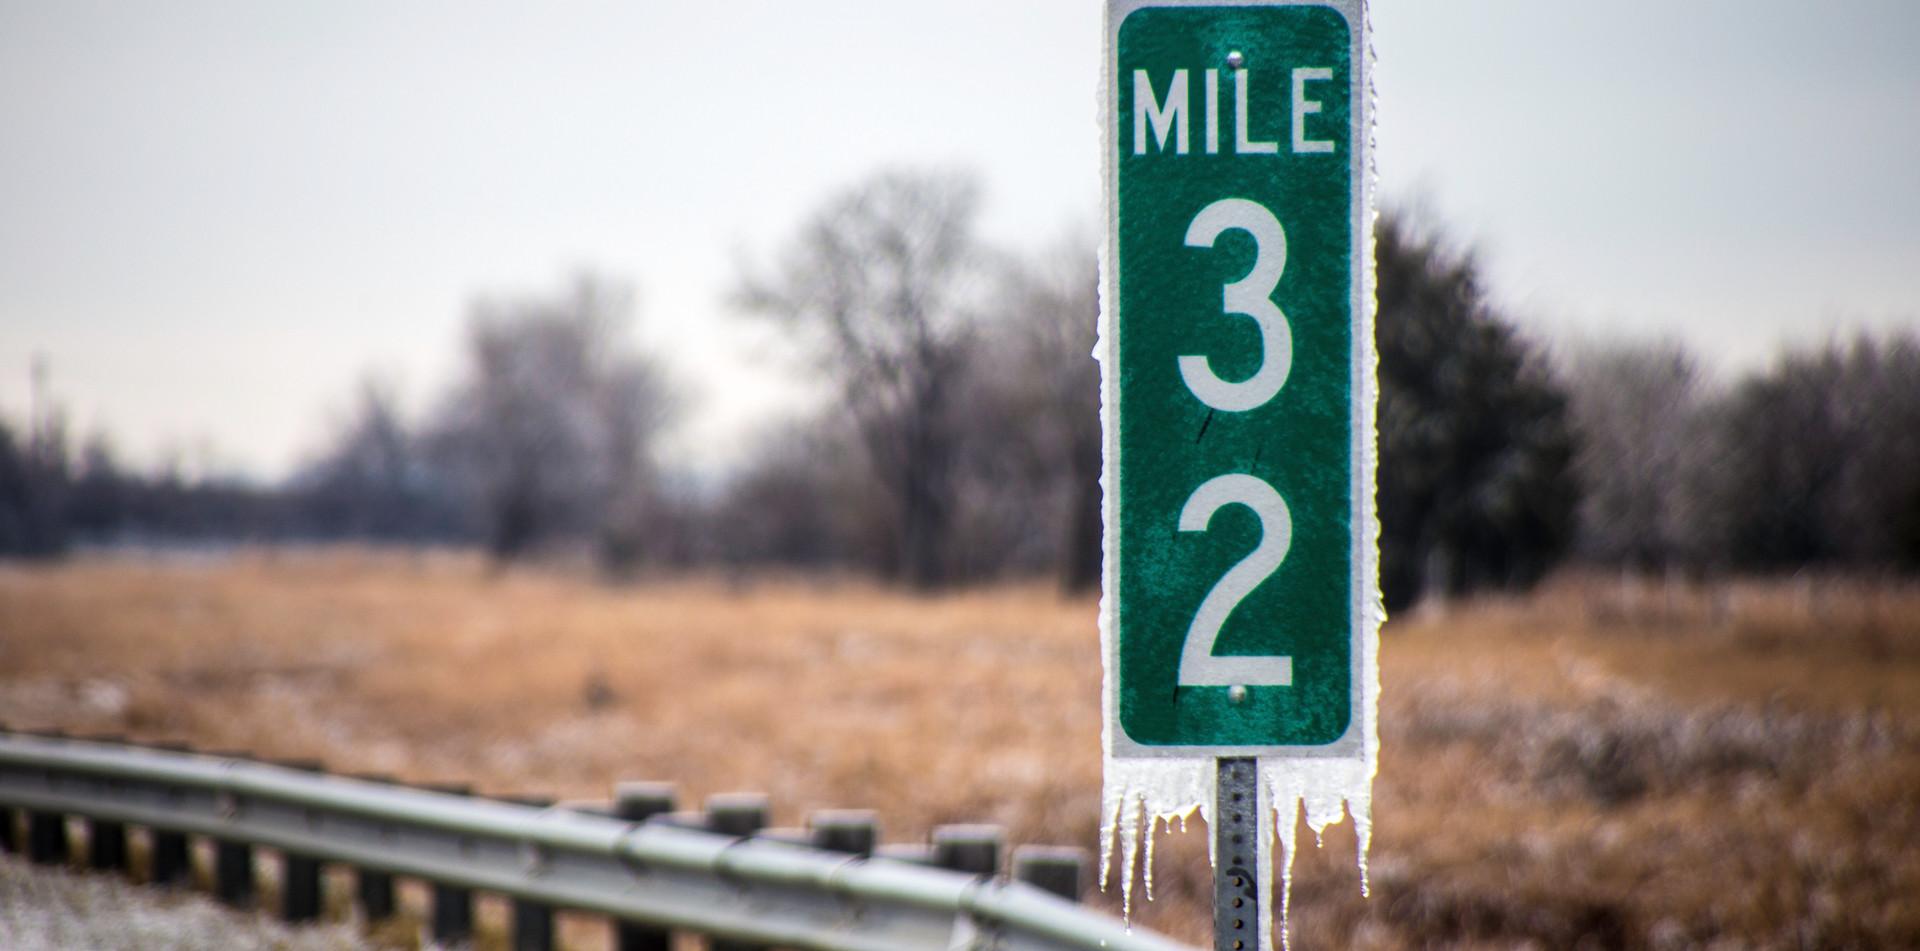 Mile Marker 32